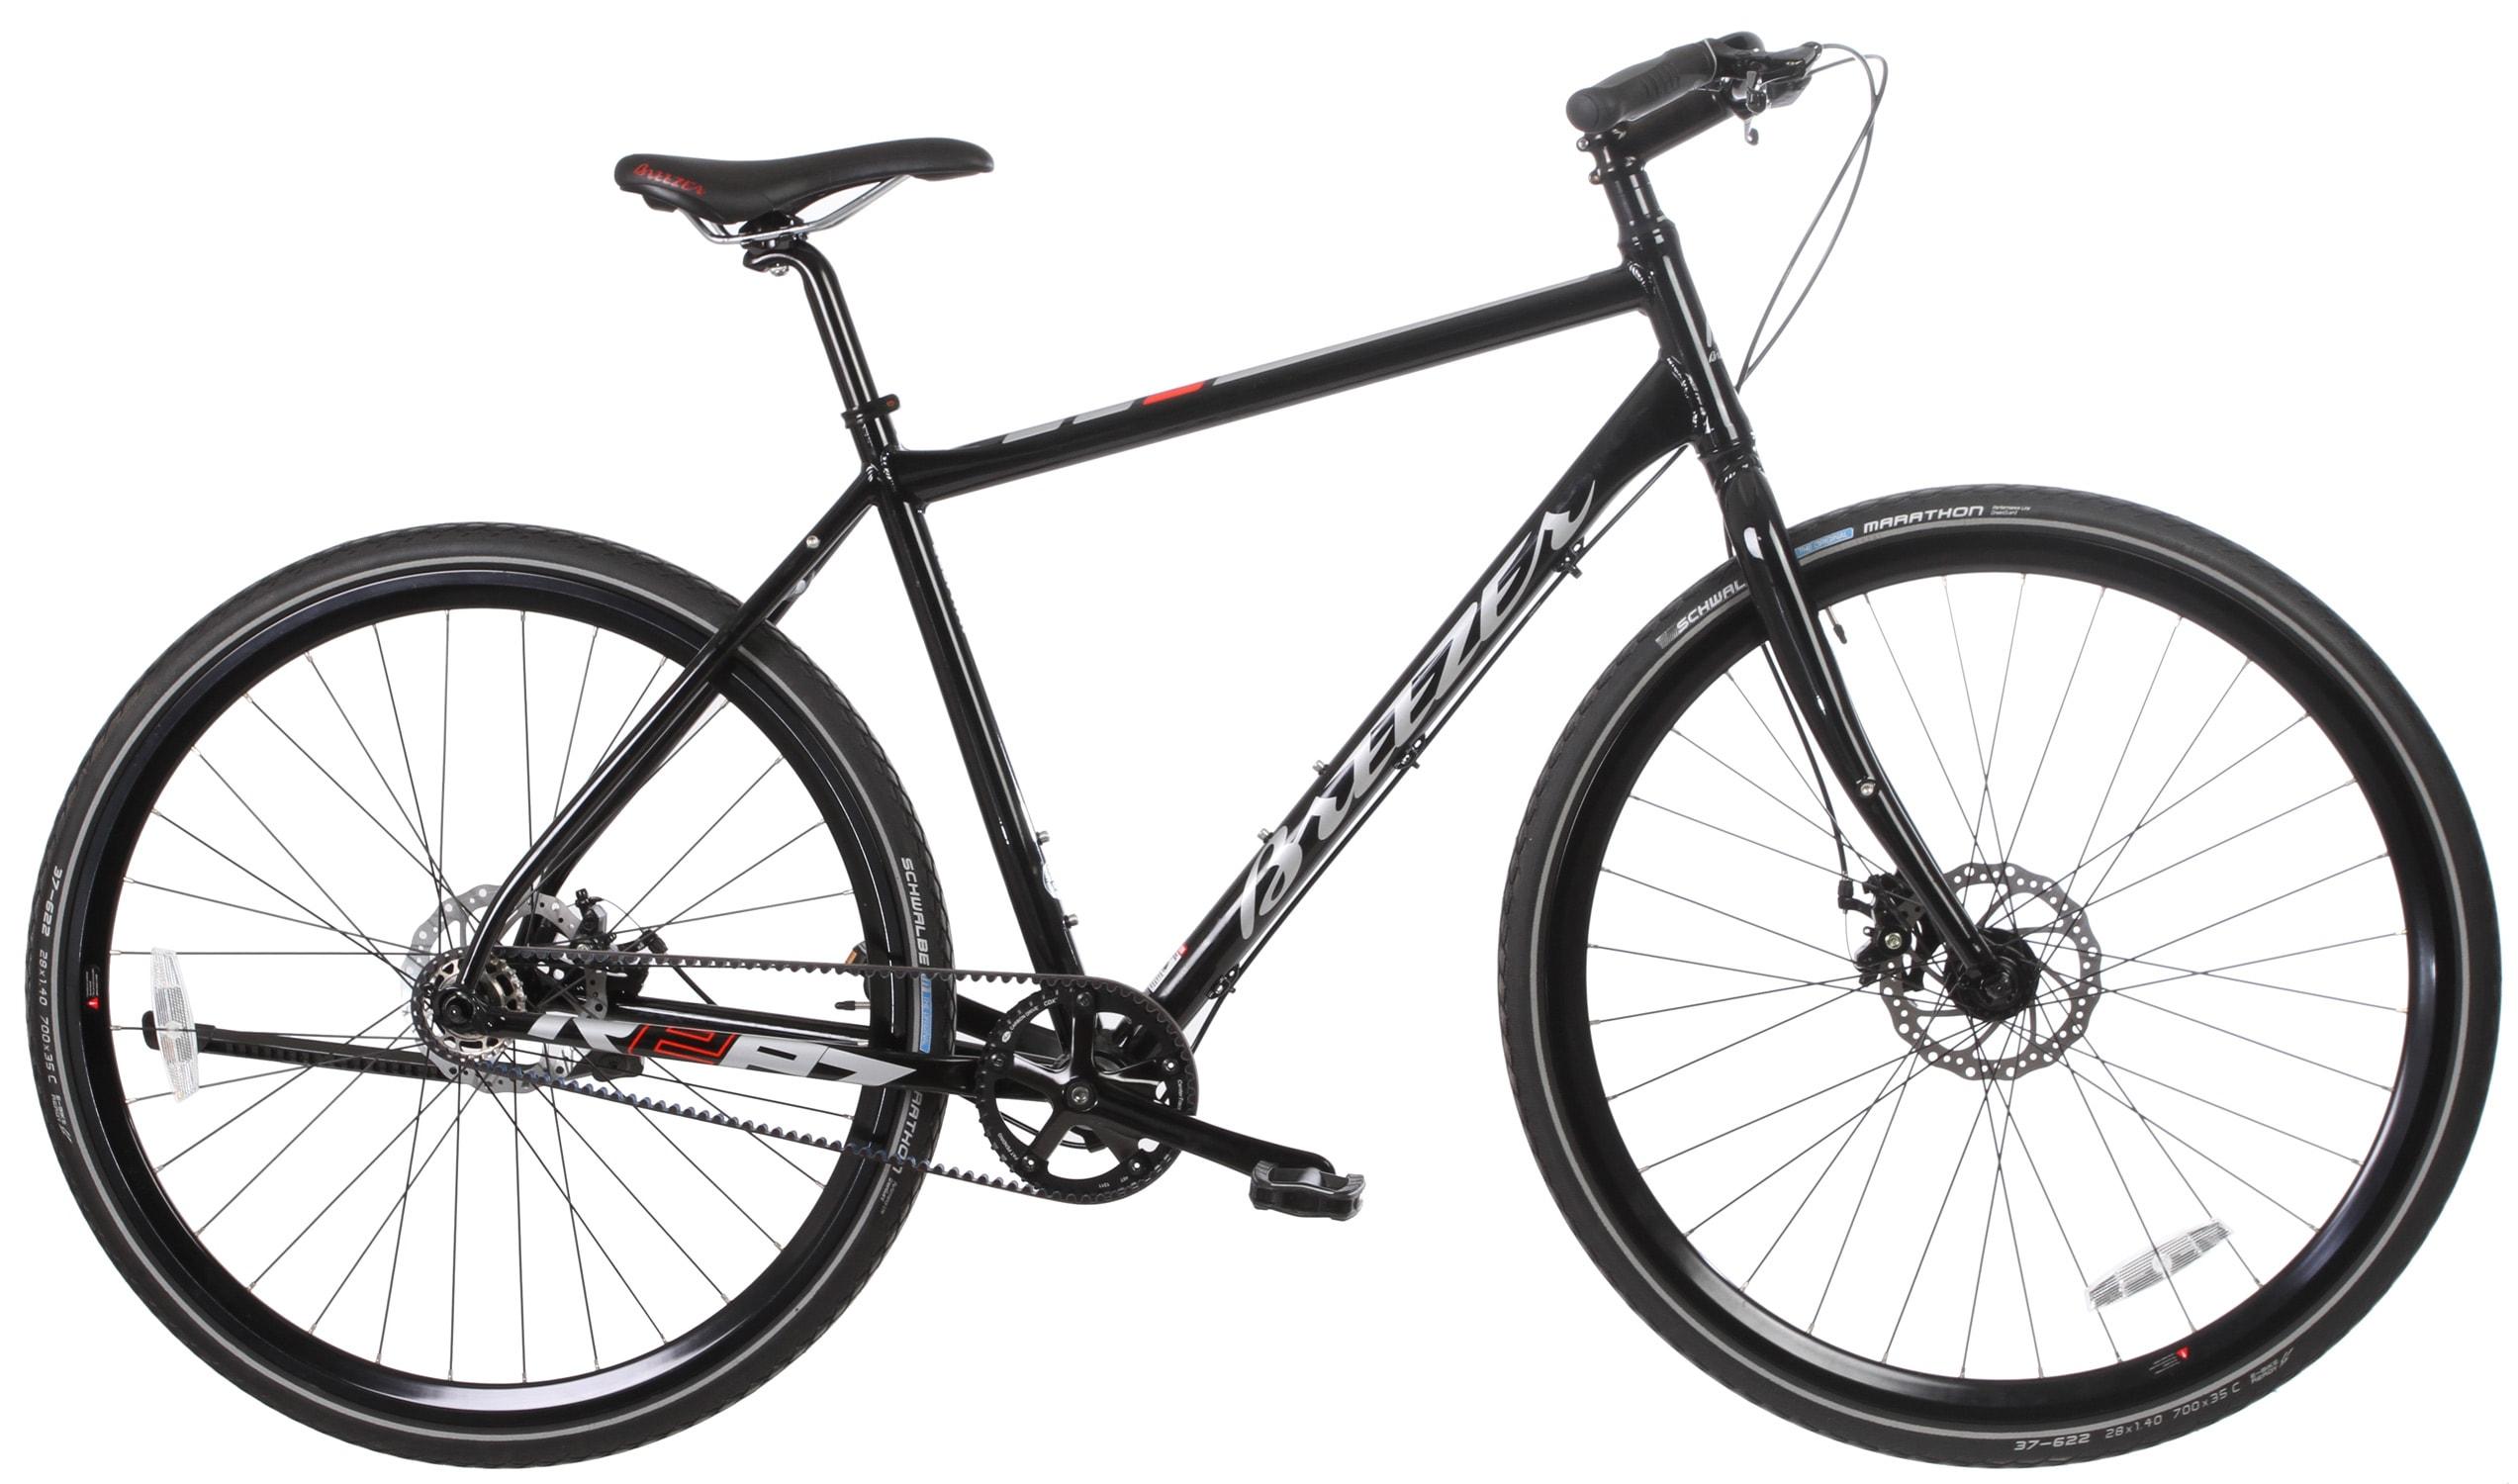 Image of Breezer Beltway Bike